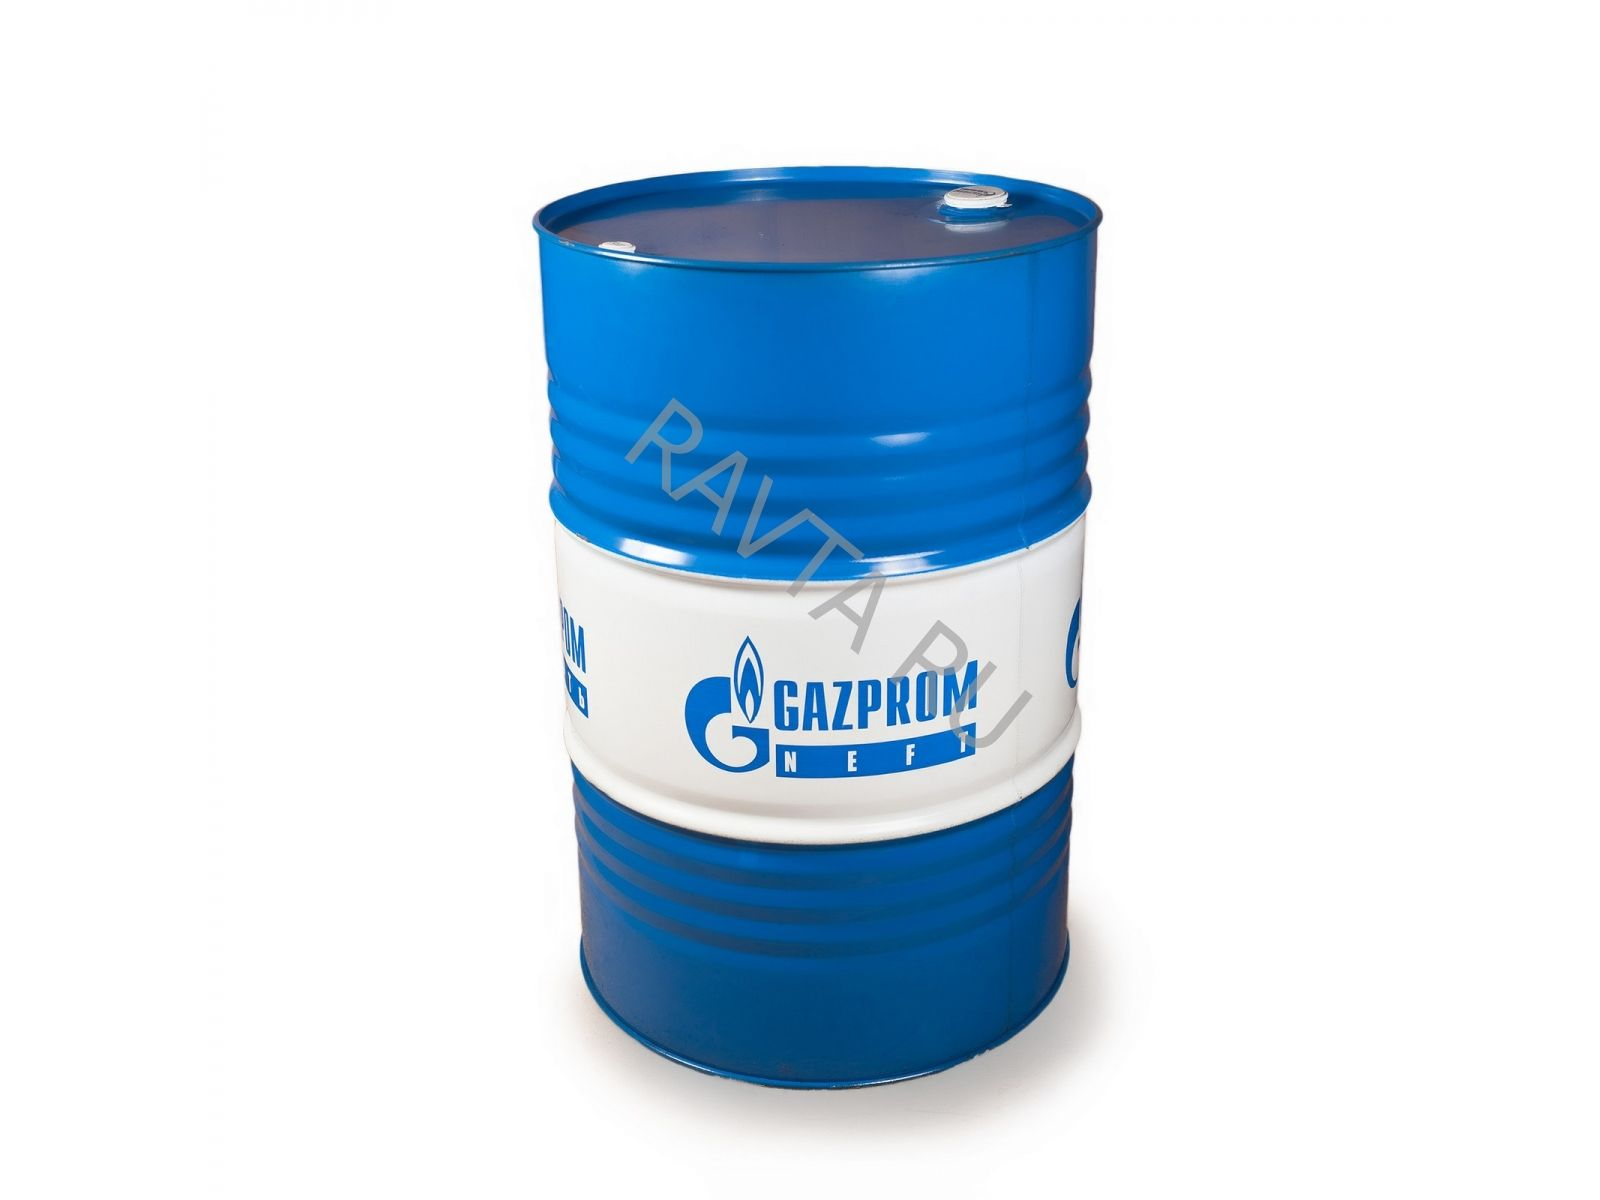 Масло Газпромнефть М10Г2к (205л)Газпромнефть<br><br><br>Артикул: 2389901262<br>Тип масла: Моторное<br>API: CC<br>Вид двигателя: 4-х тактный<br>Тип двигателя: дизельный<br>Бренд: Газпромнефть<br>Объем (л): 205<br>Применение масла: двигатели грузового транспорта<br>Вид фасовки: бочка<br>Объем (л): 205